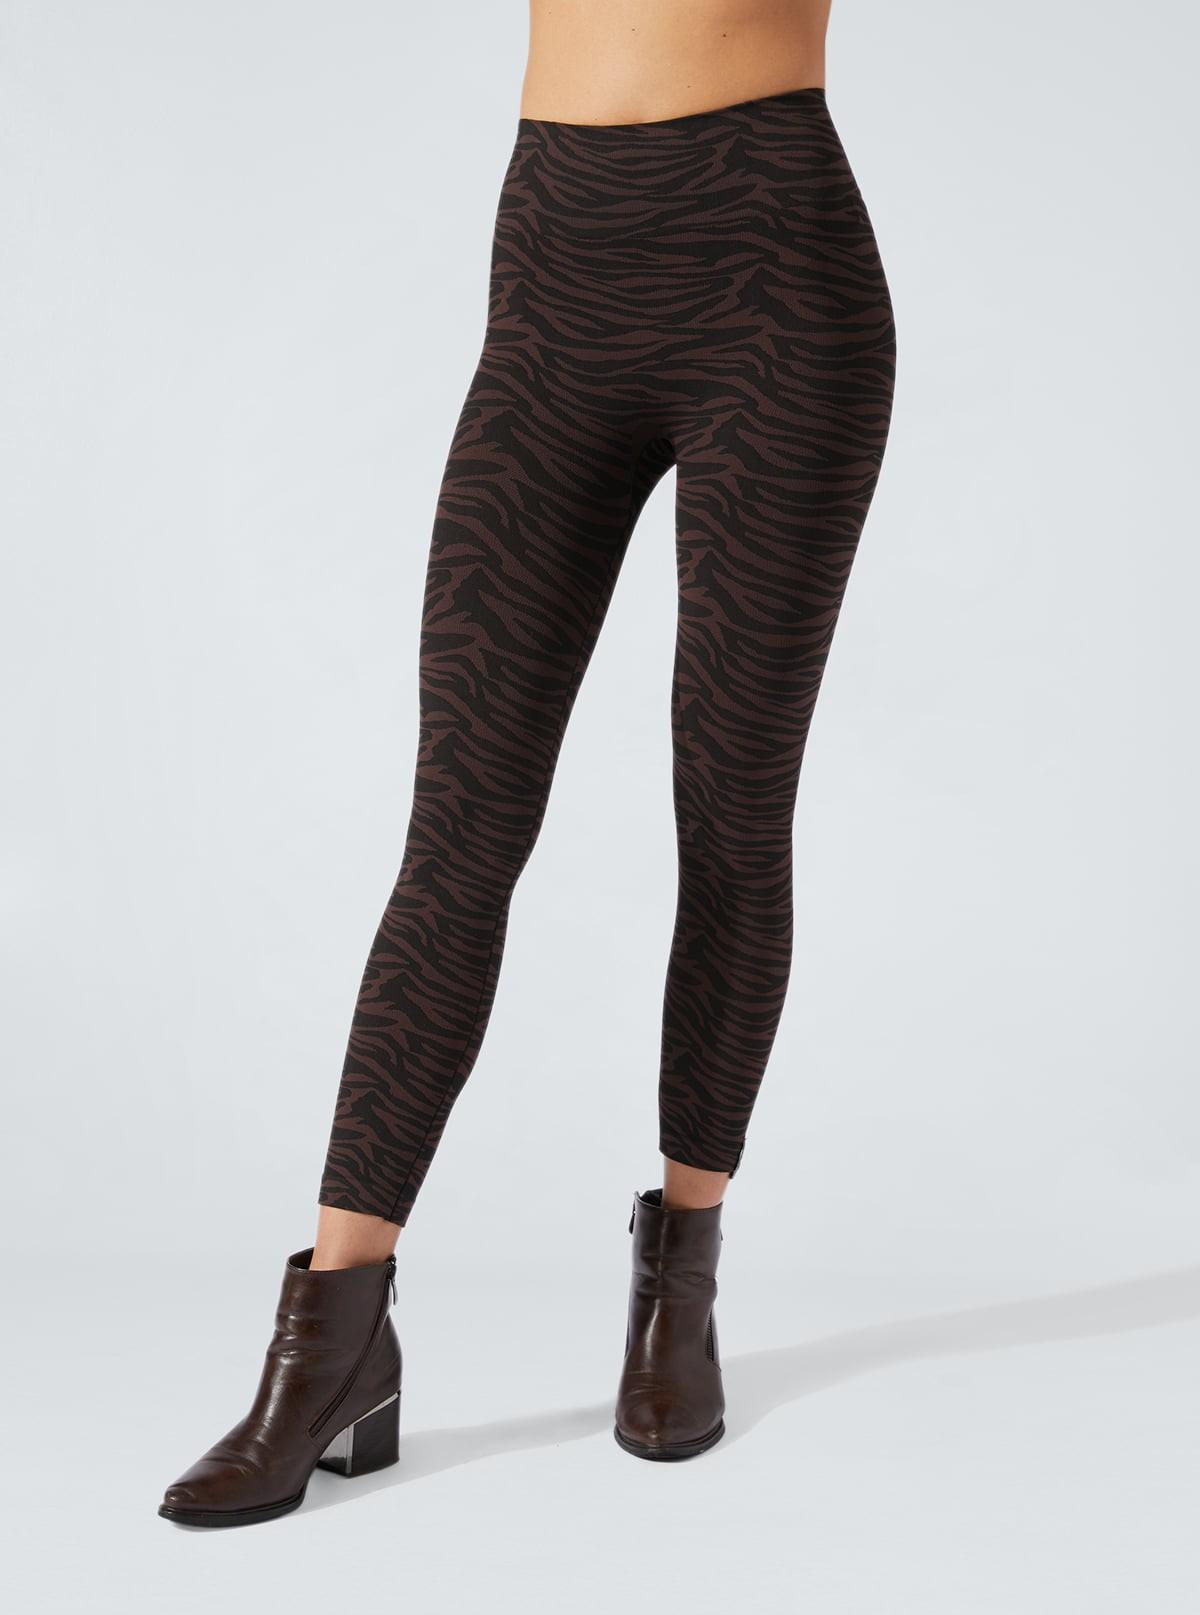 Legging Animalier Cebra marròn-negro hidratante con efecto estilizante